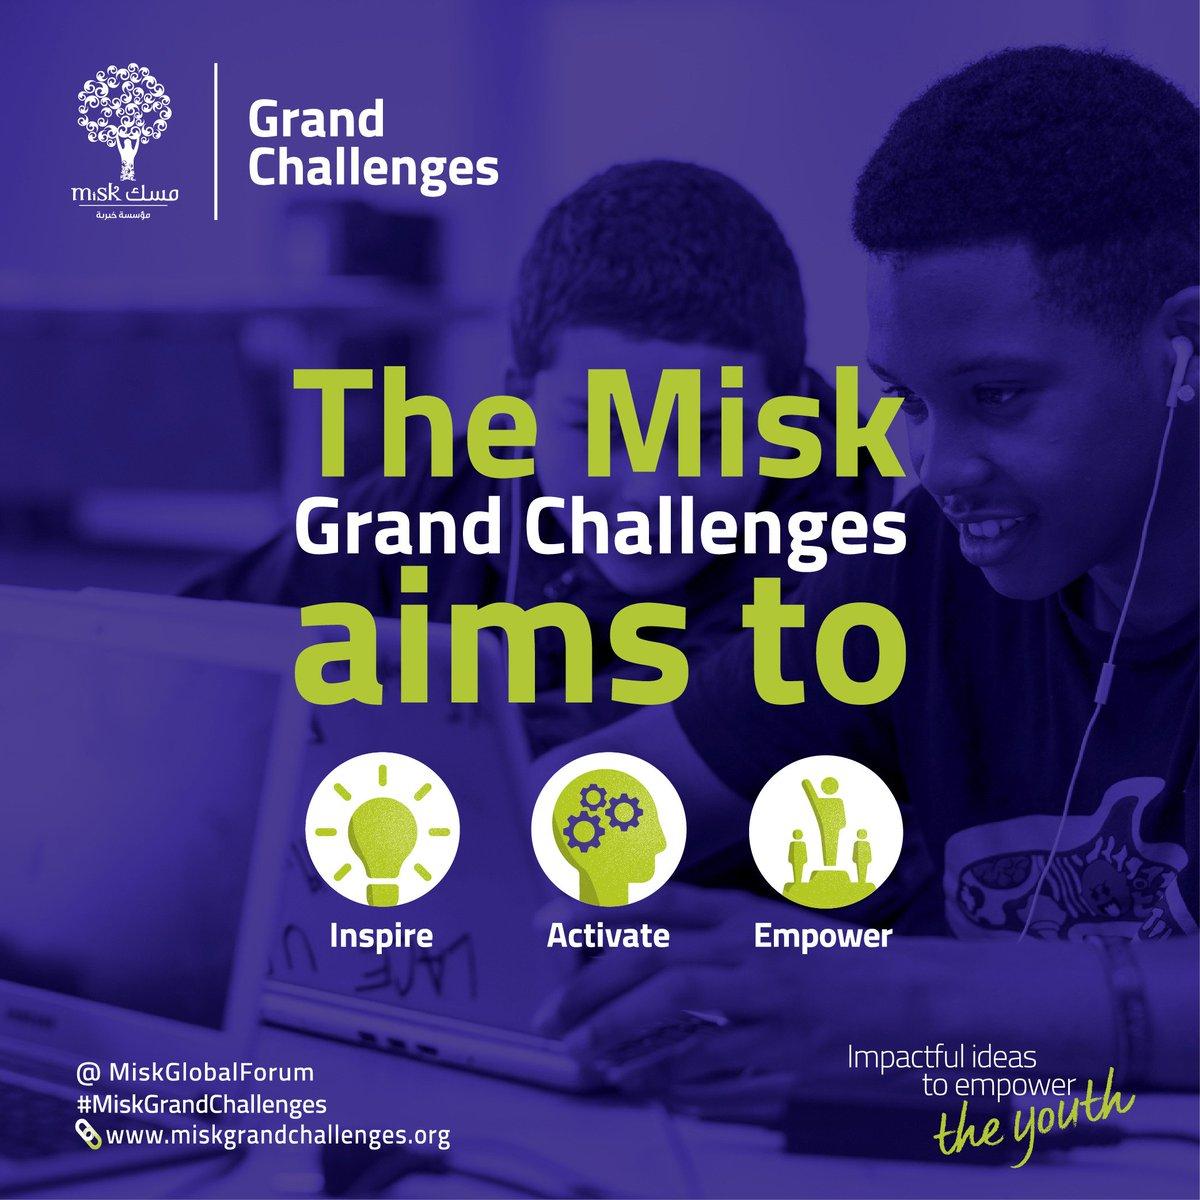 Misk Global Forum on Twitter: